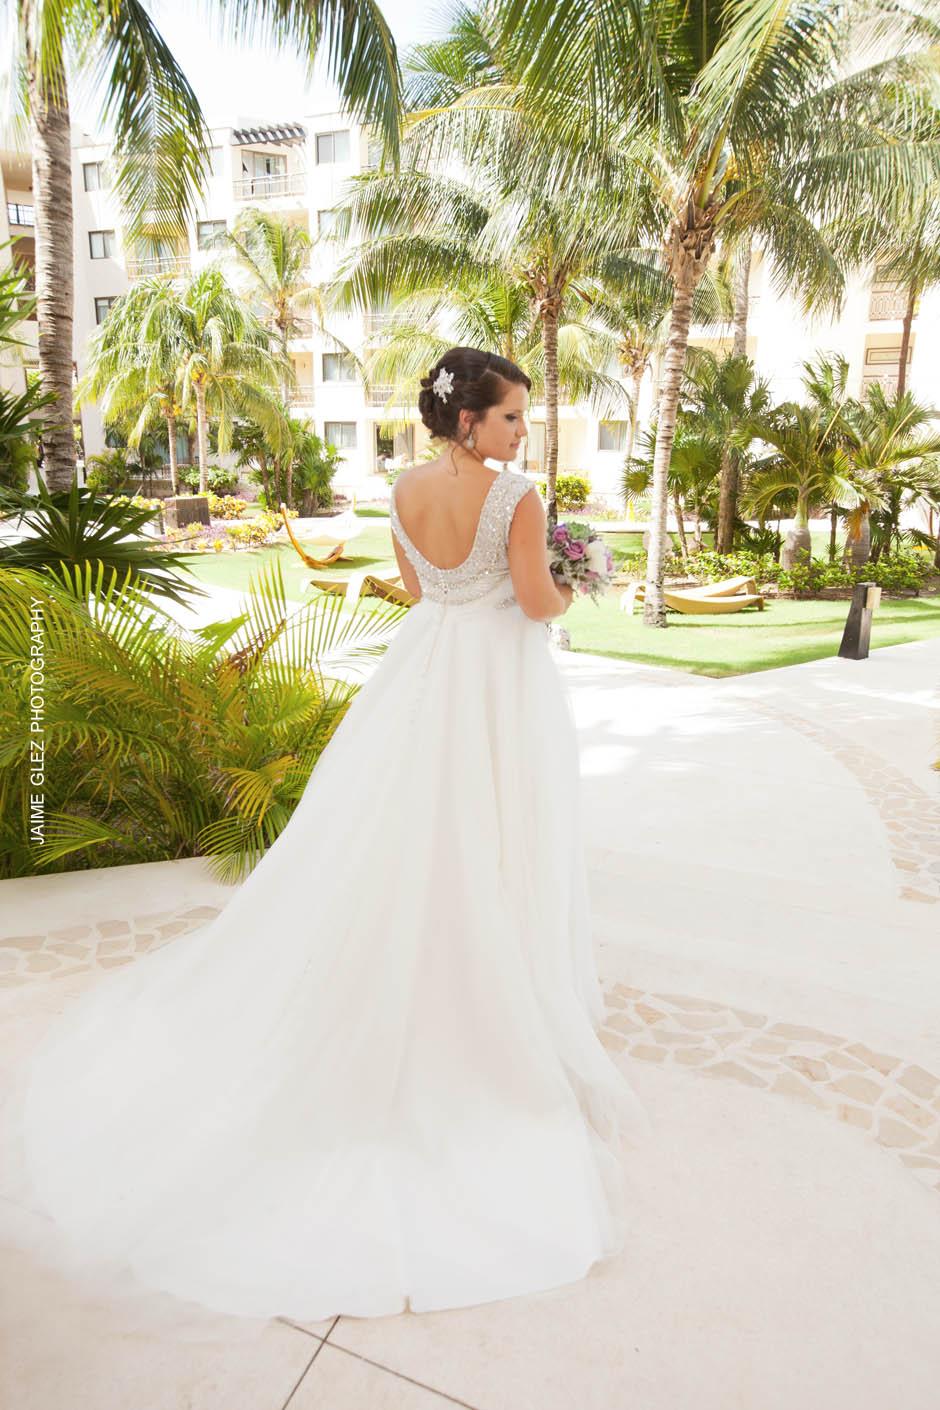 dreams-riviera-cancun-wedding-9